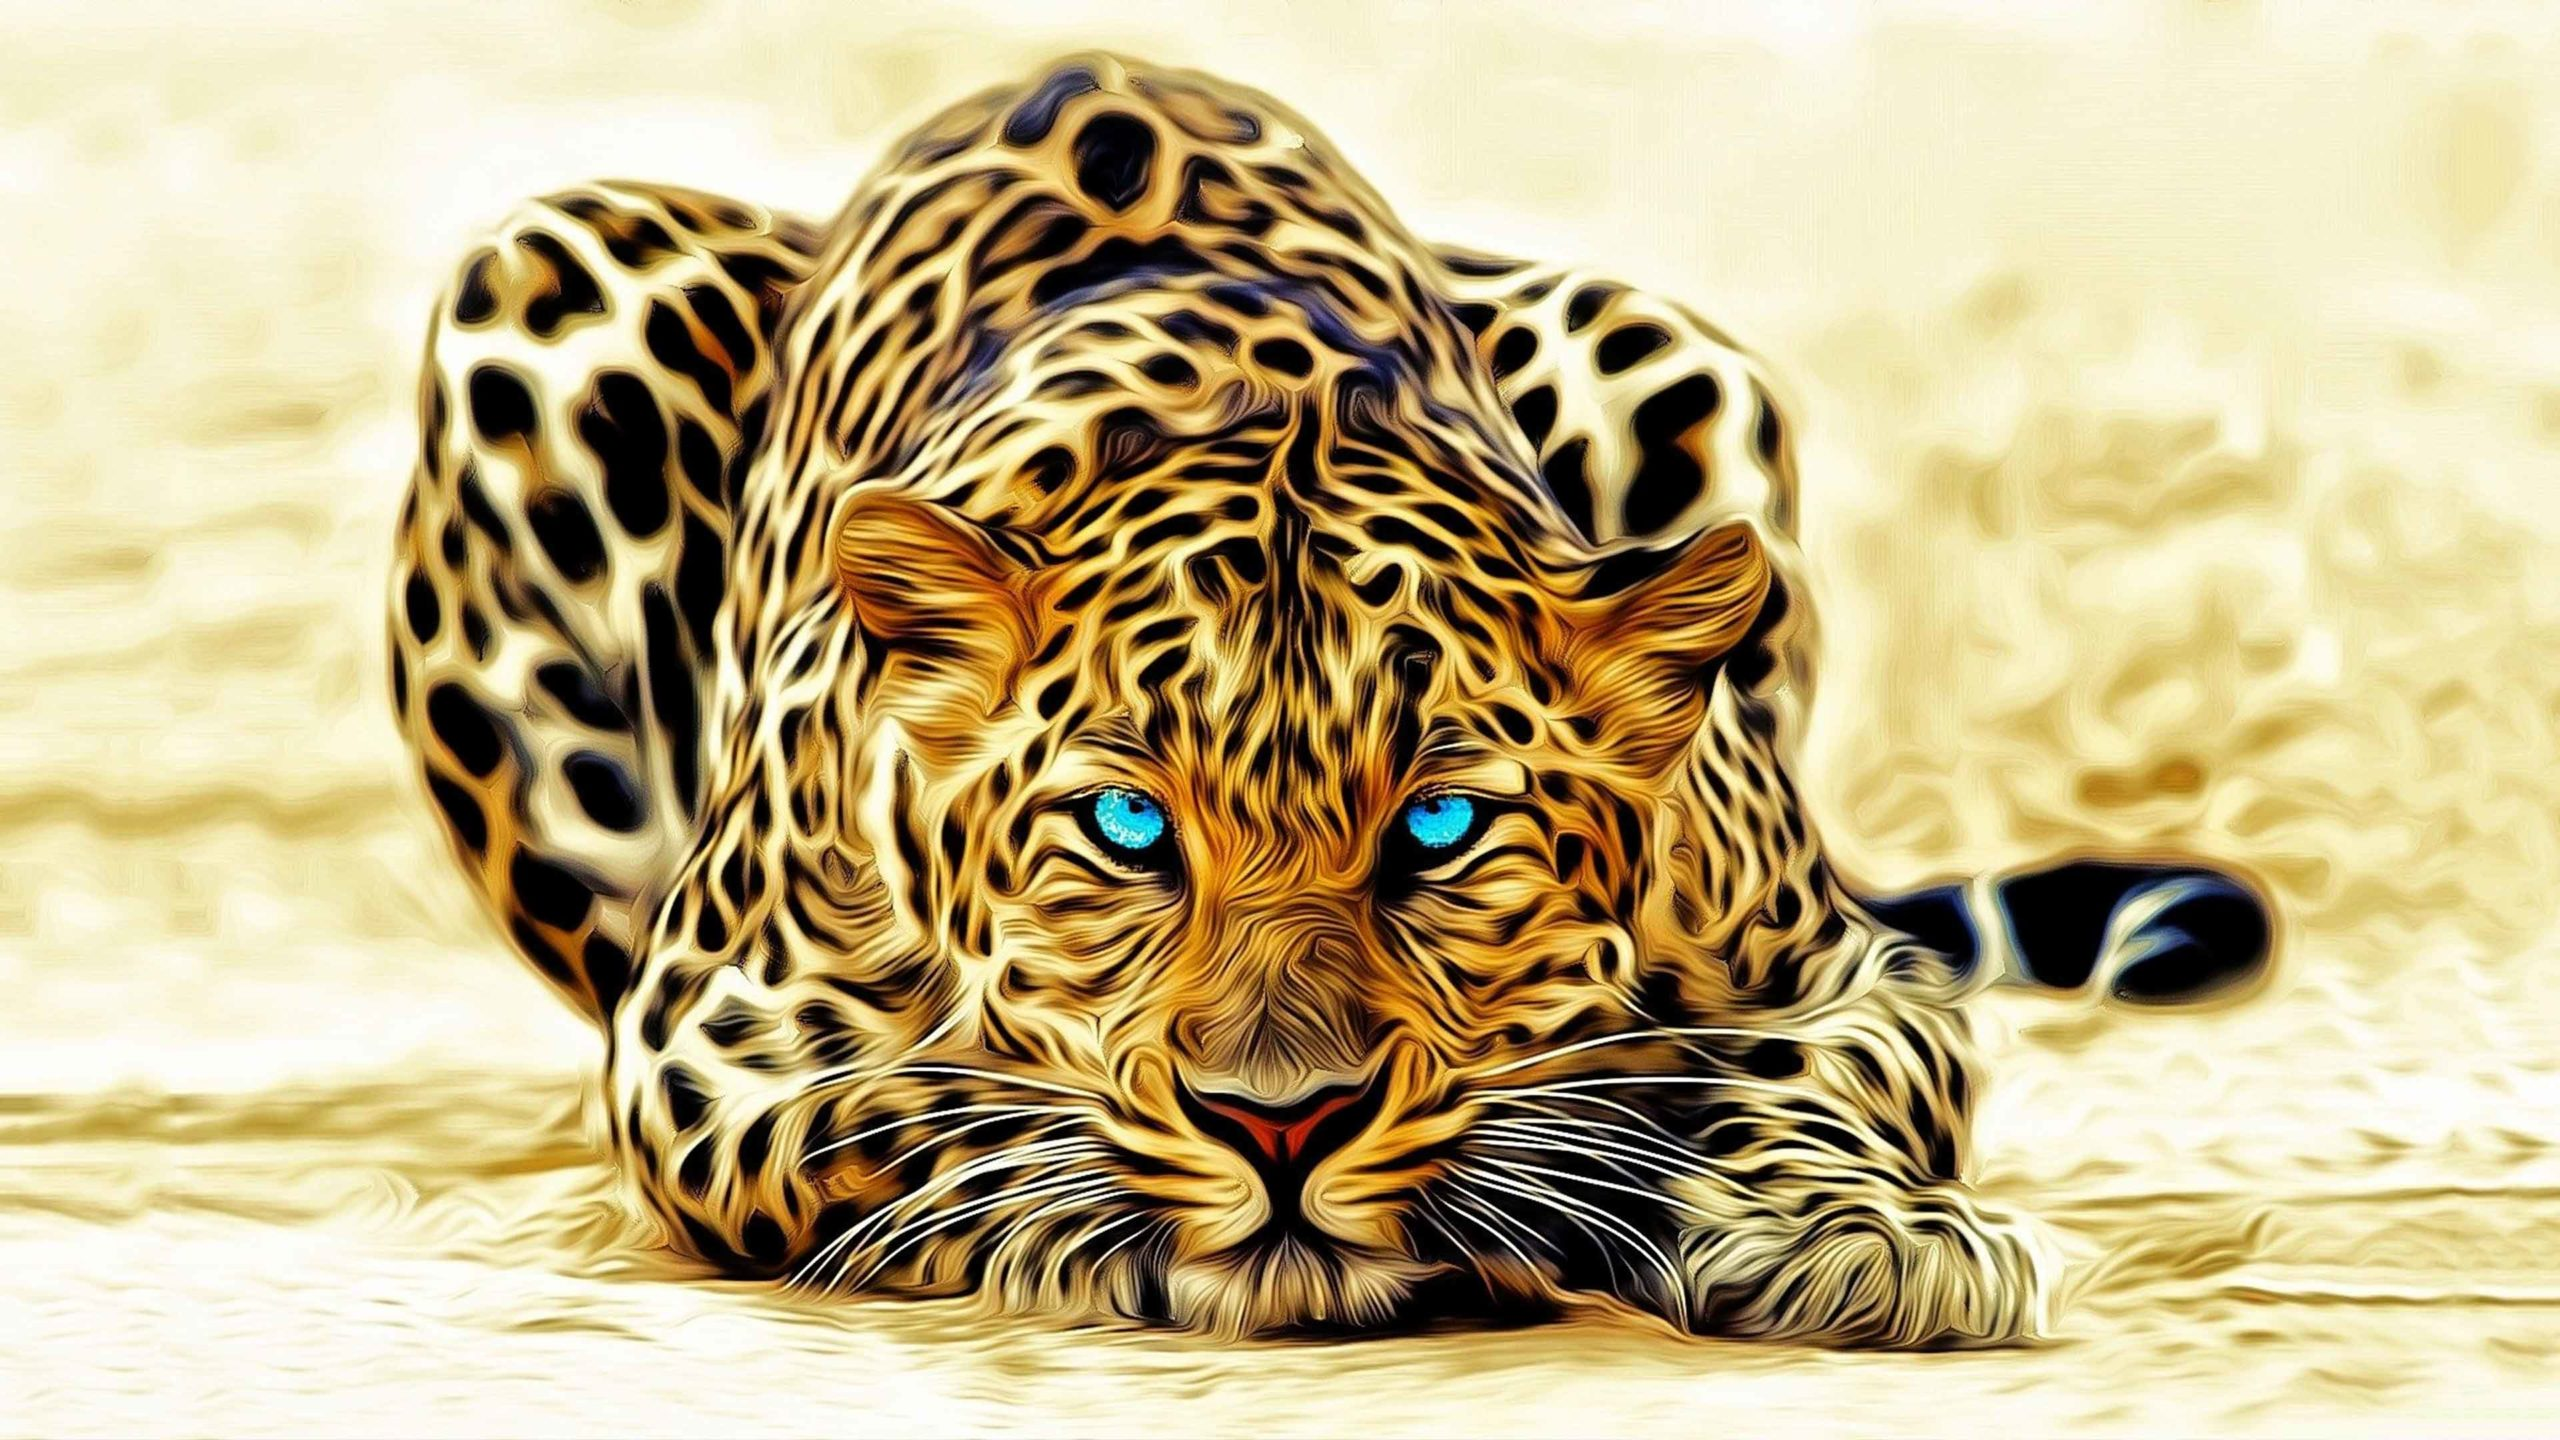 com tiger download